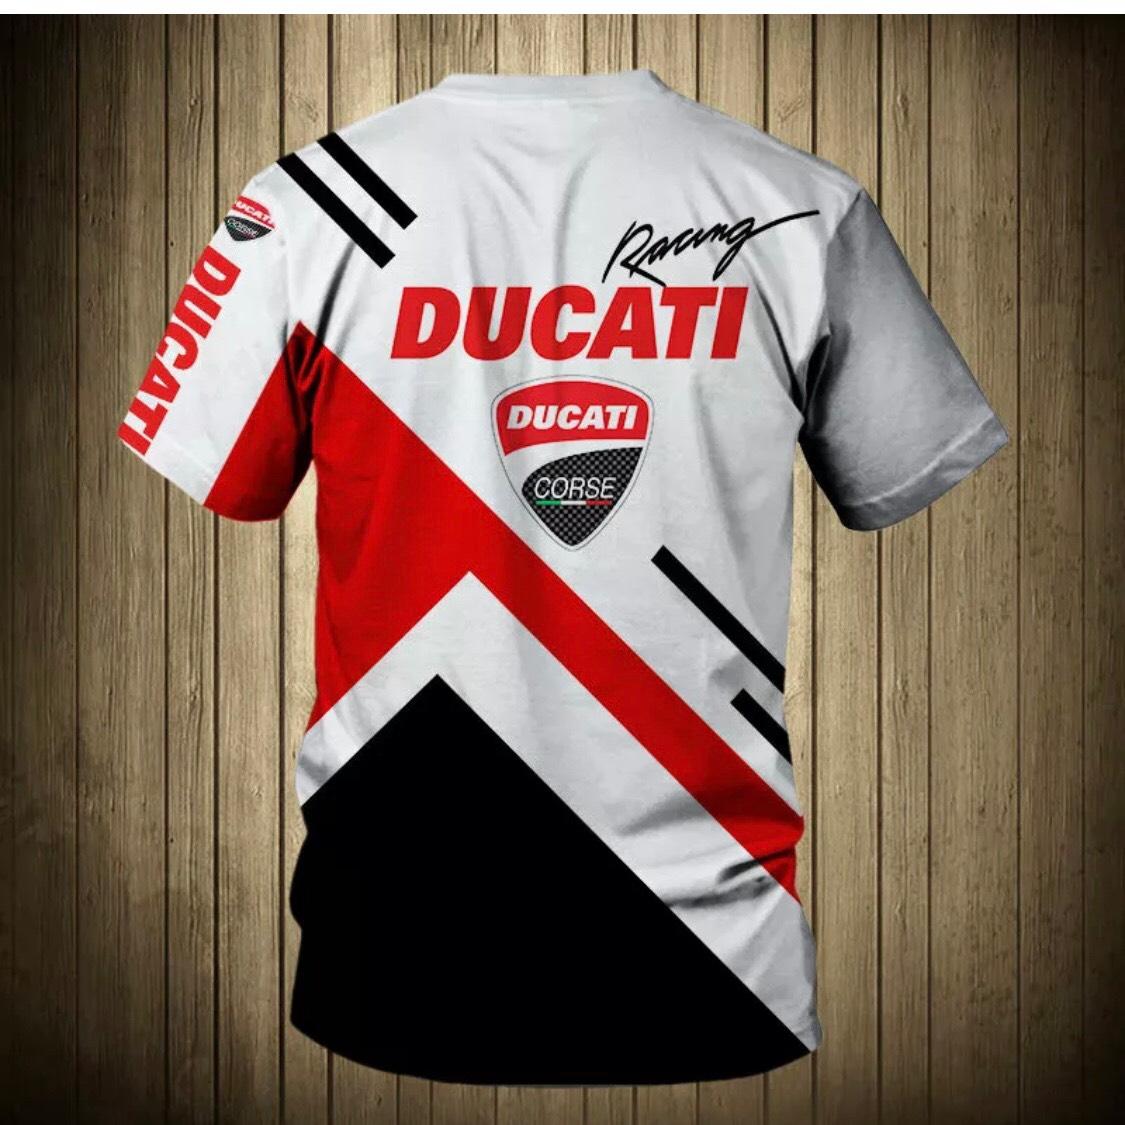 DUCATI ドゥカティ Tシャツ ーリングなどに 各サイズ